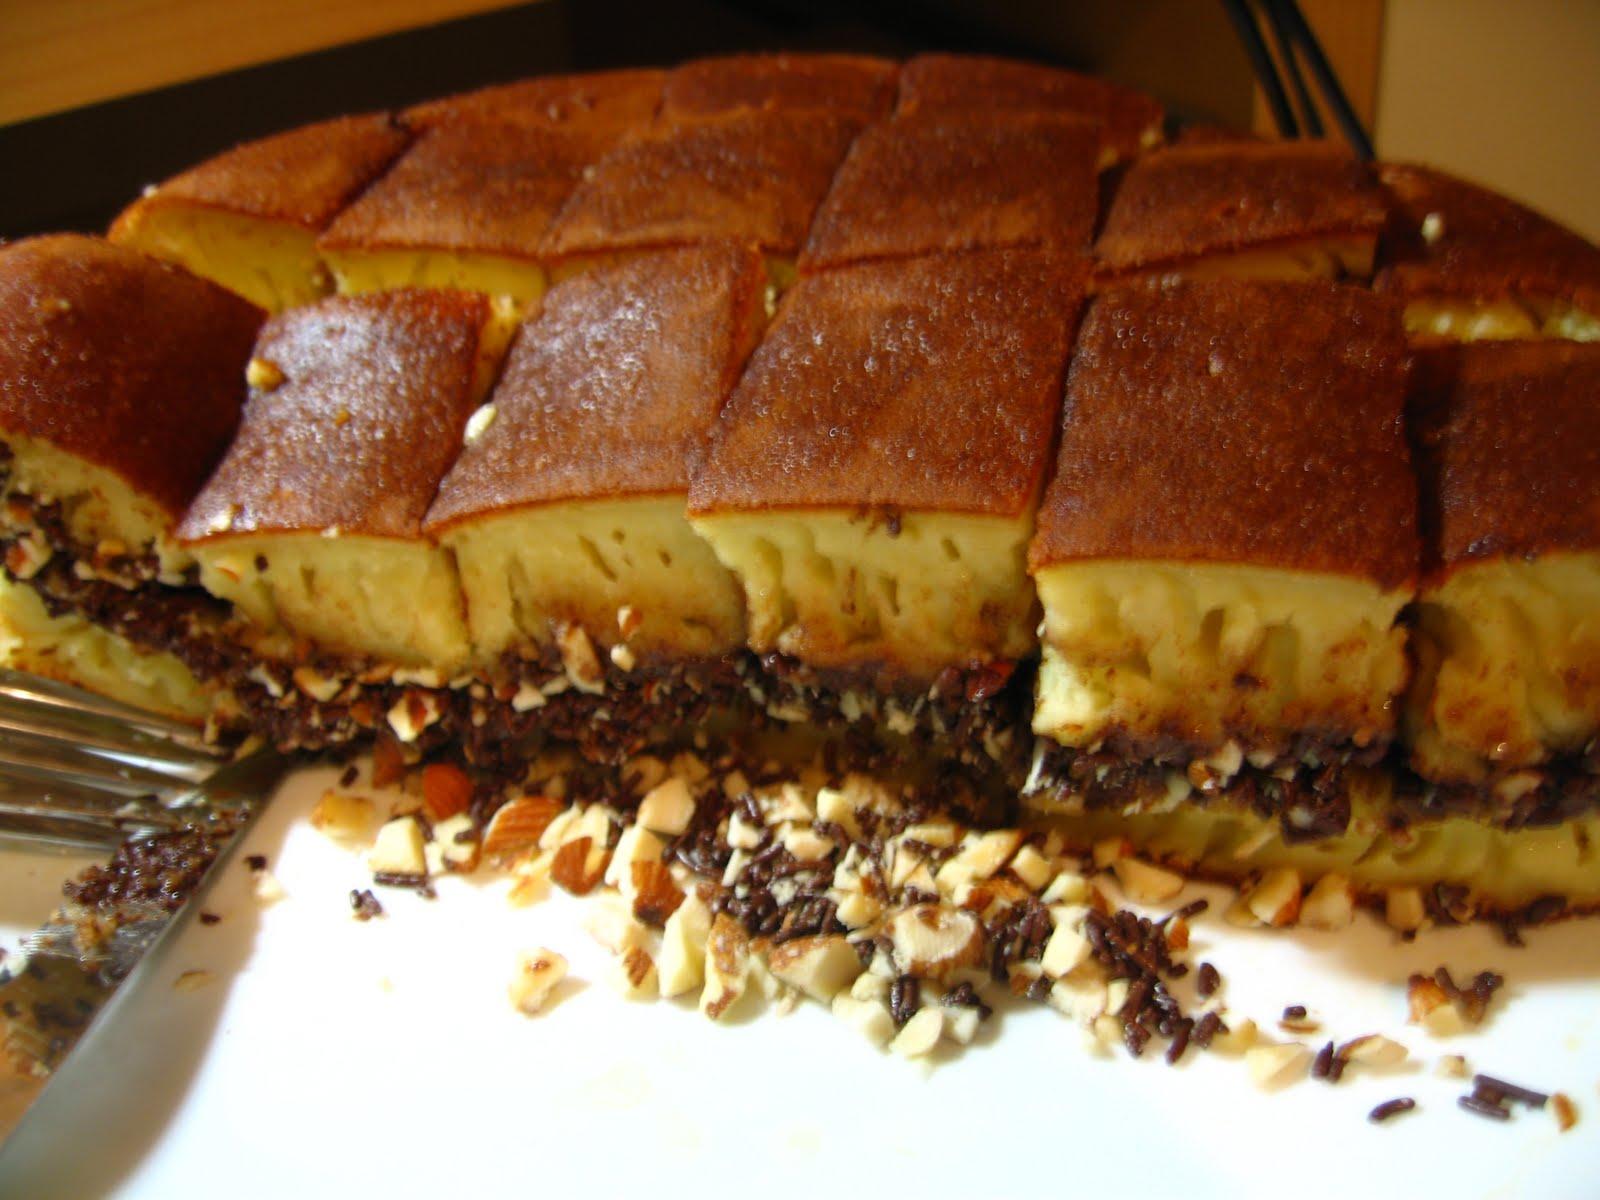 martabak manis indonesian sweet thick pancake